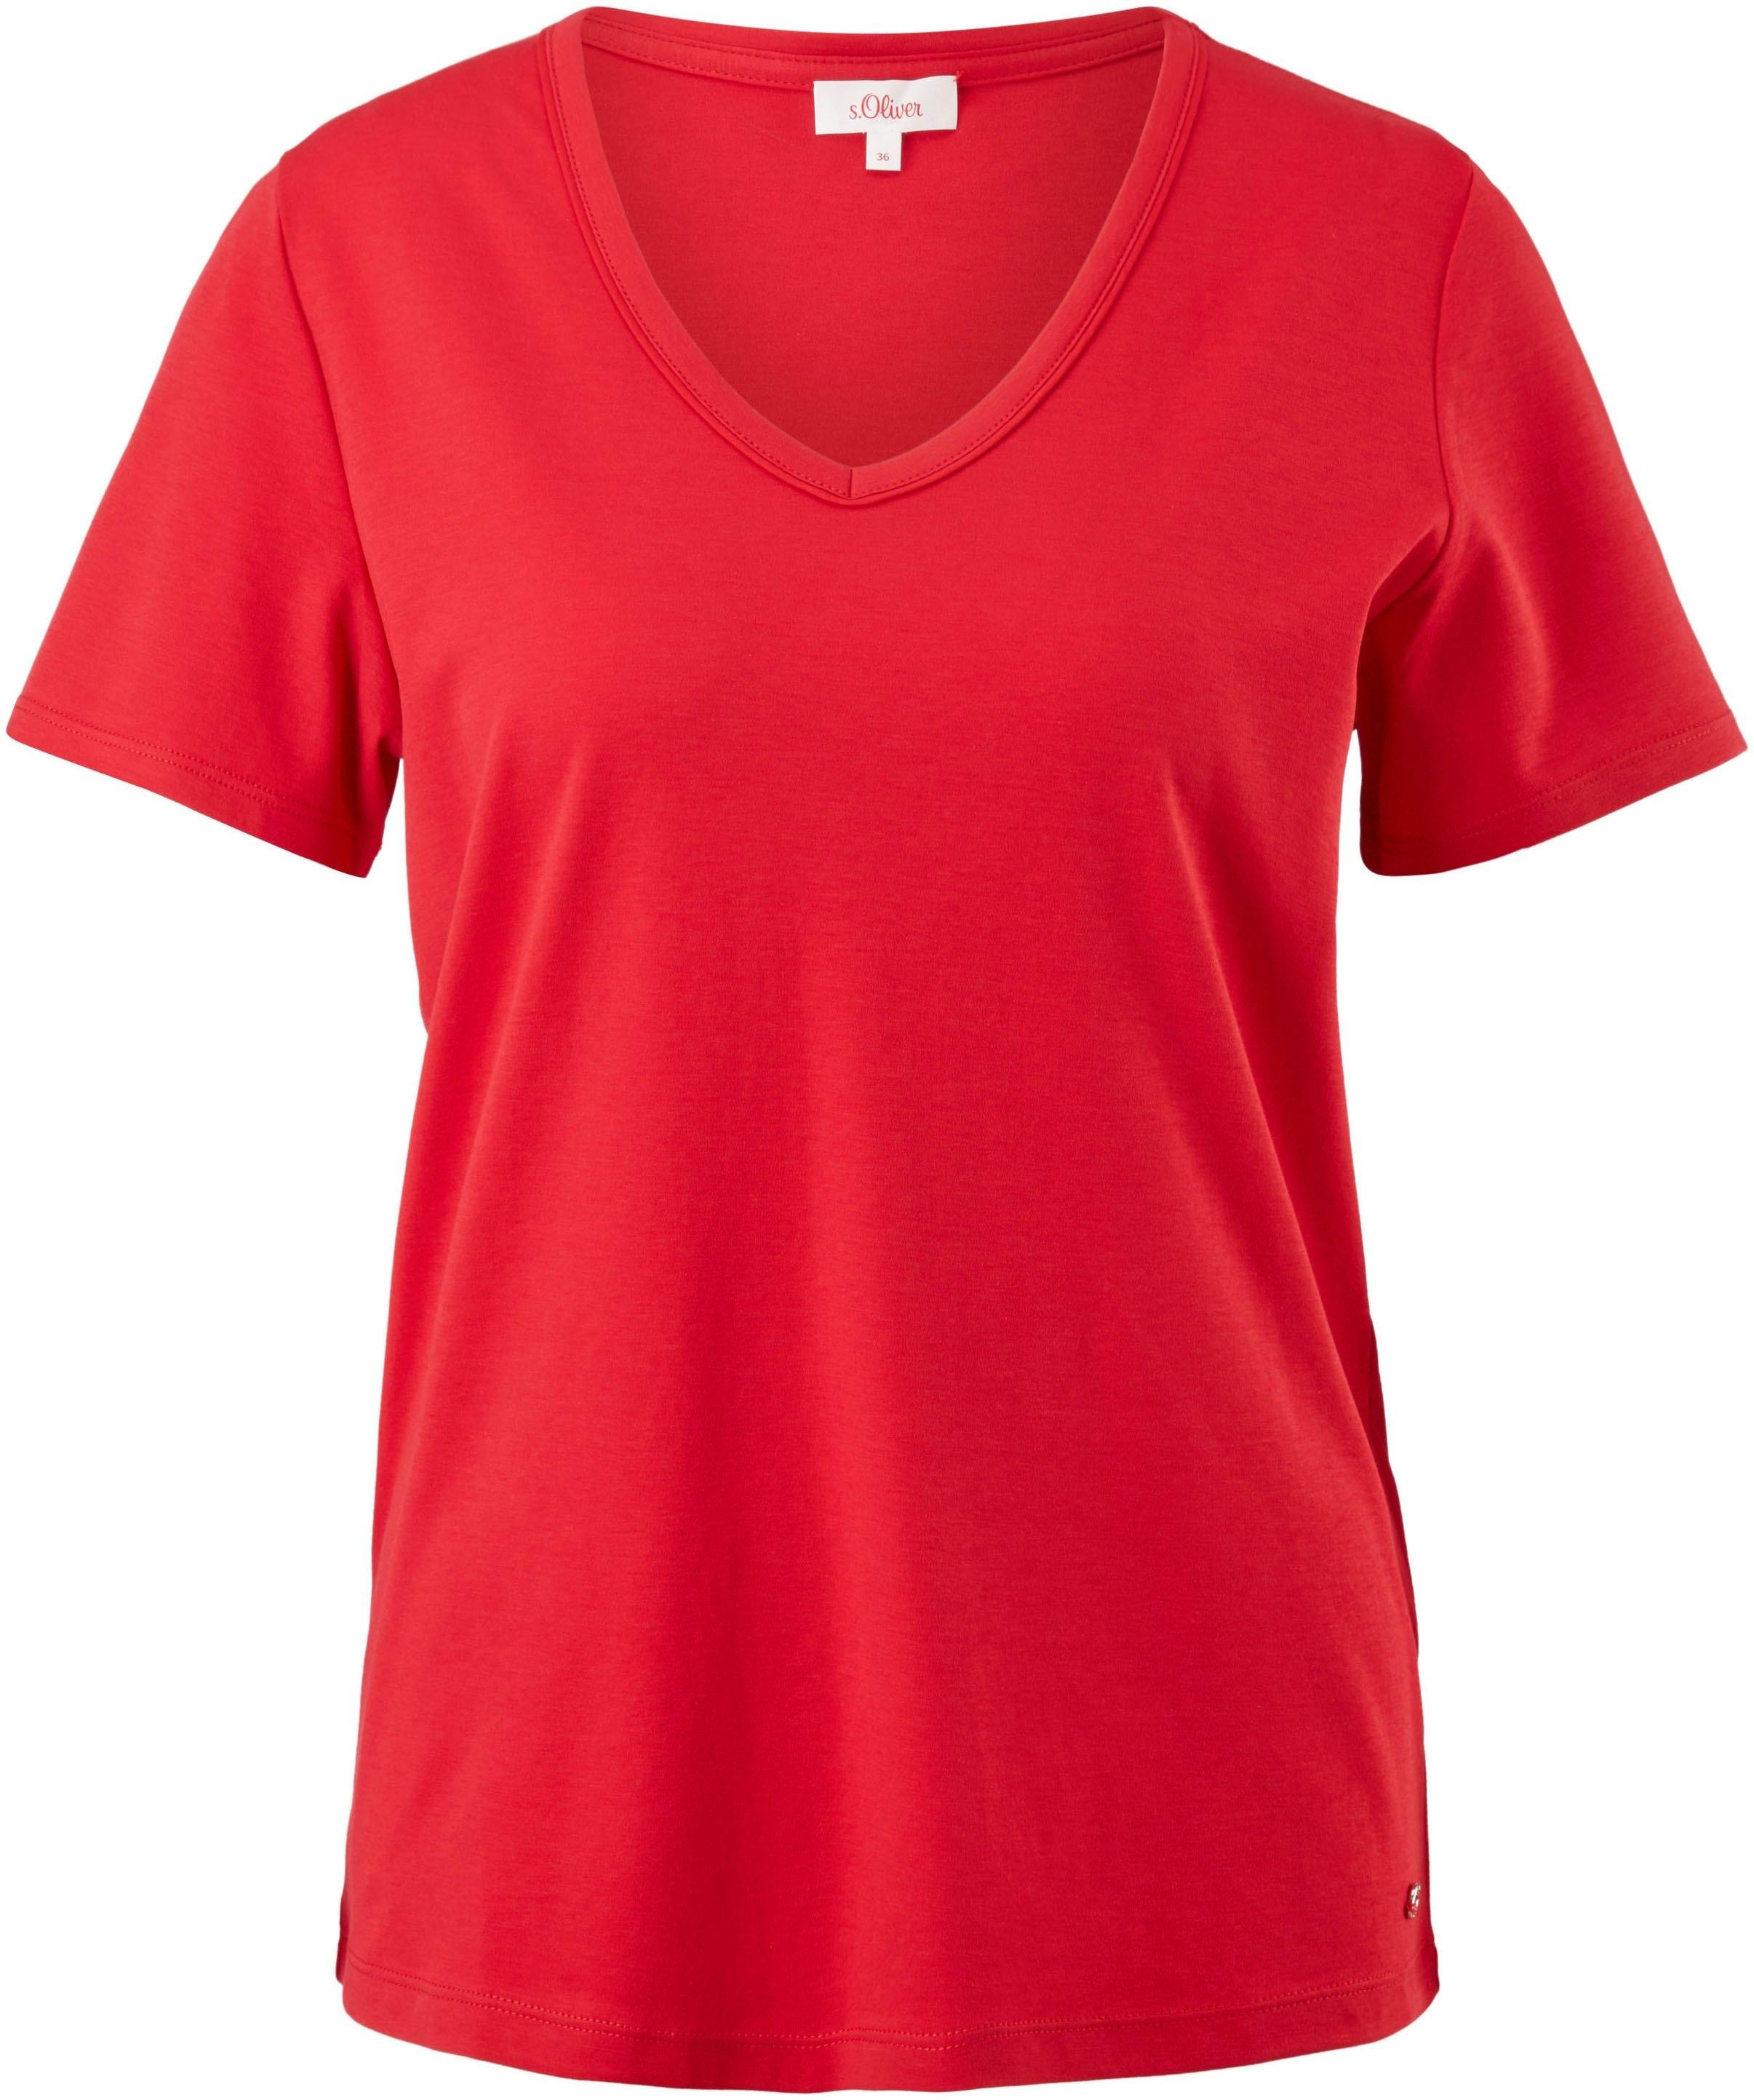 s.Oliver T-shirt met v-hals en omgestikte zoom - gratis ruilen op otto.nl